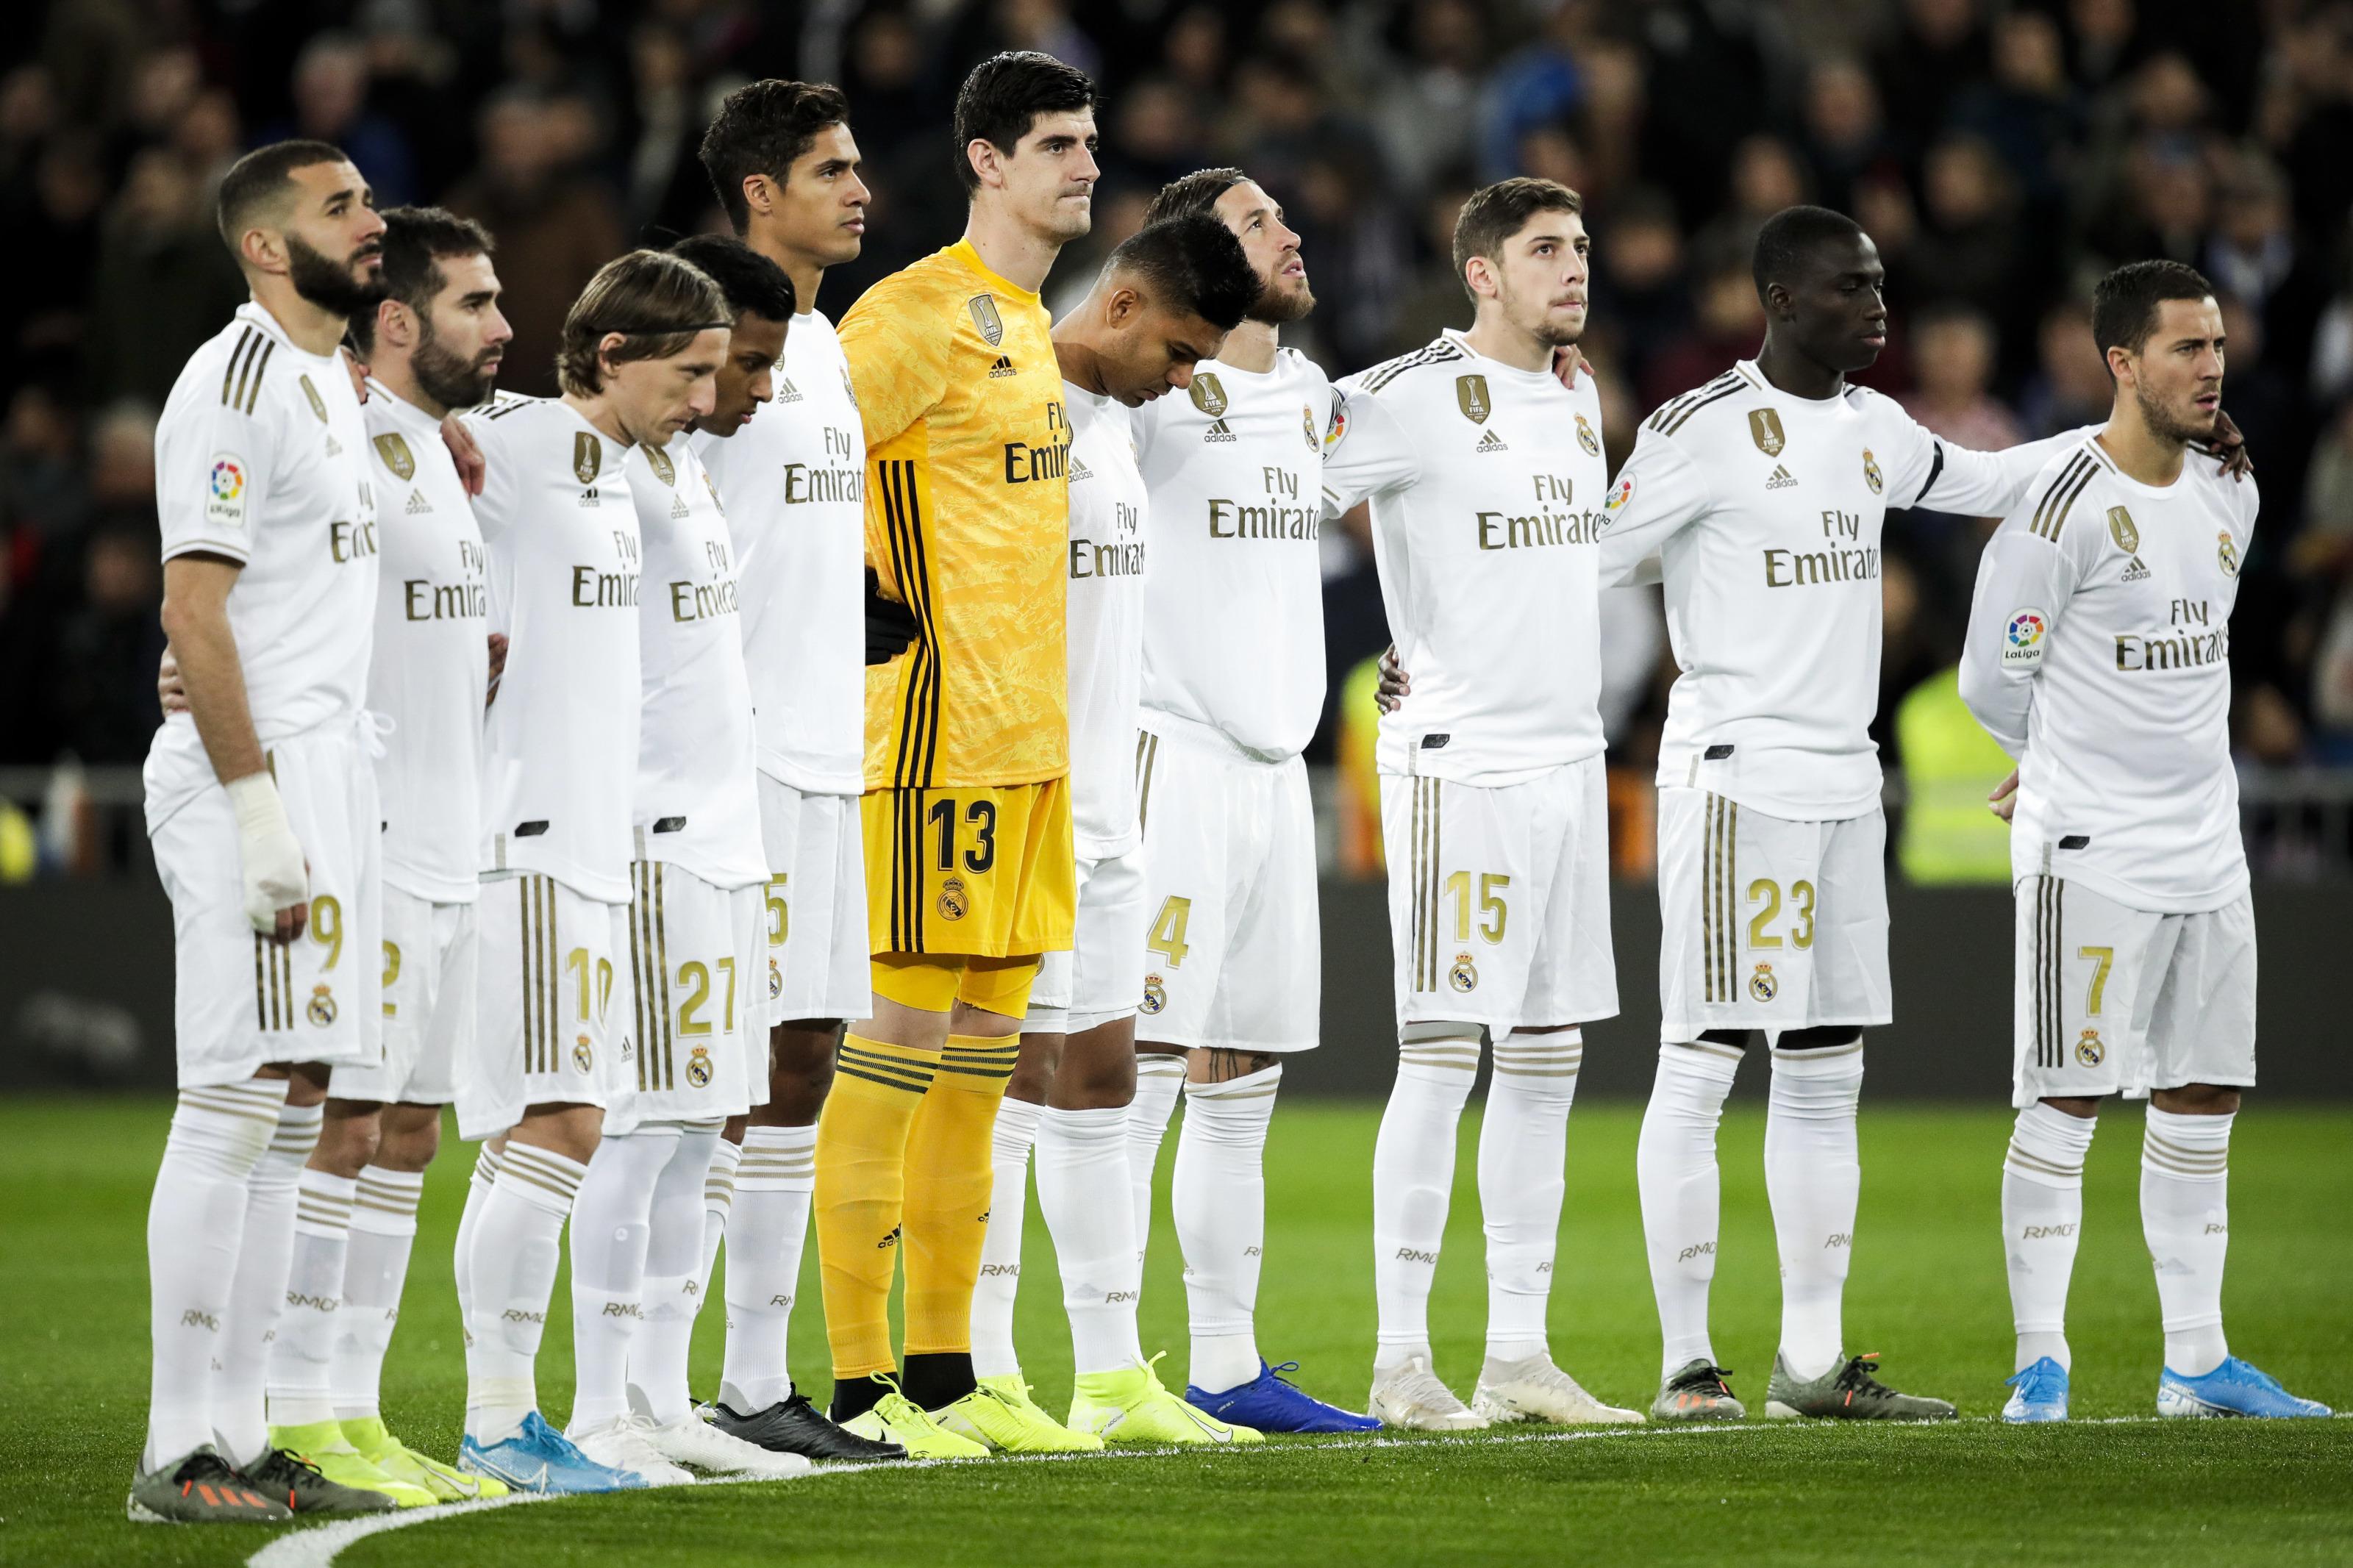 ريال مدريد الأعلى إيراداً في العالم !!